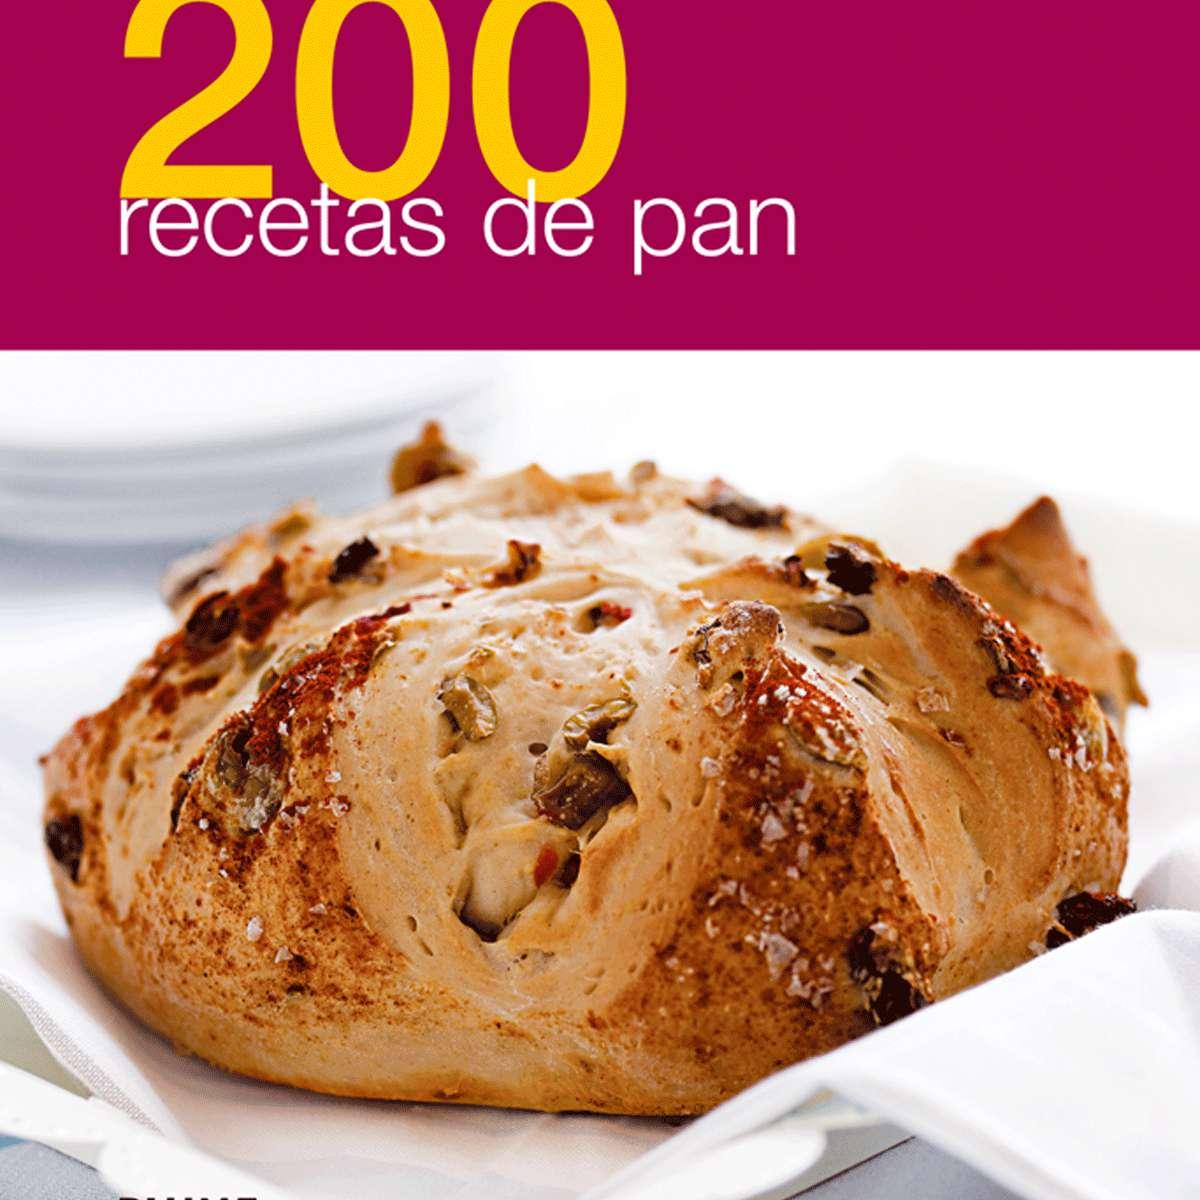 200 recetas de pan por Joanna Farrow libro de cómo hacer pan